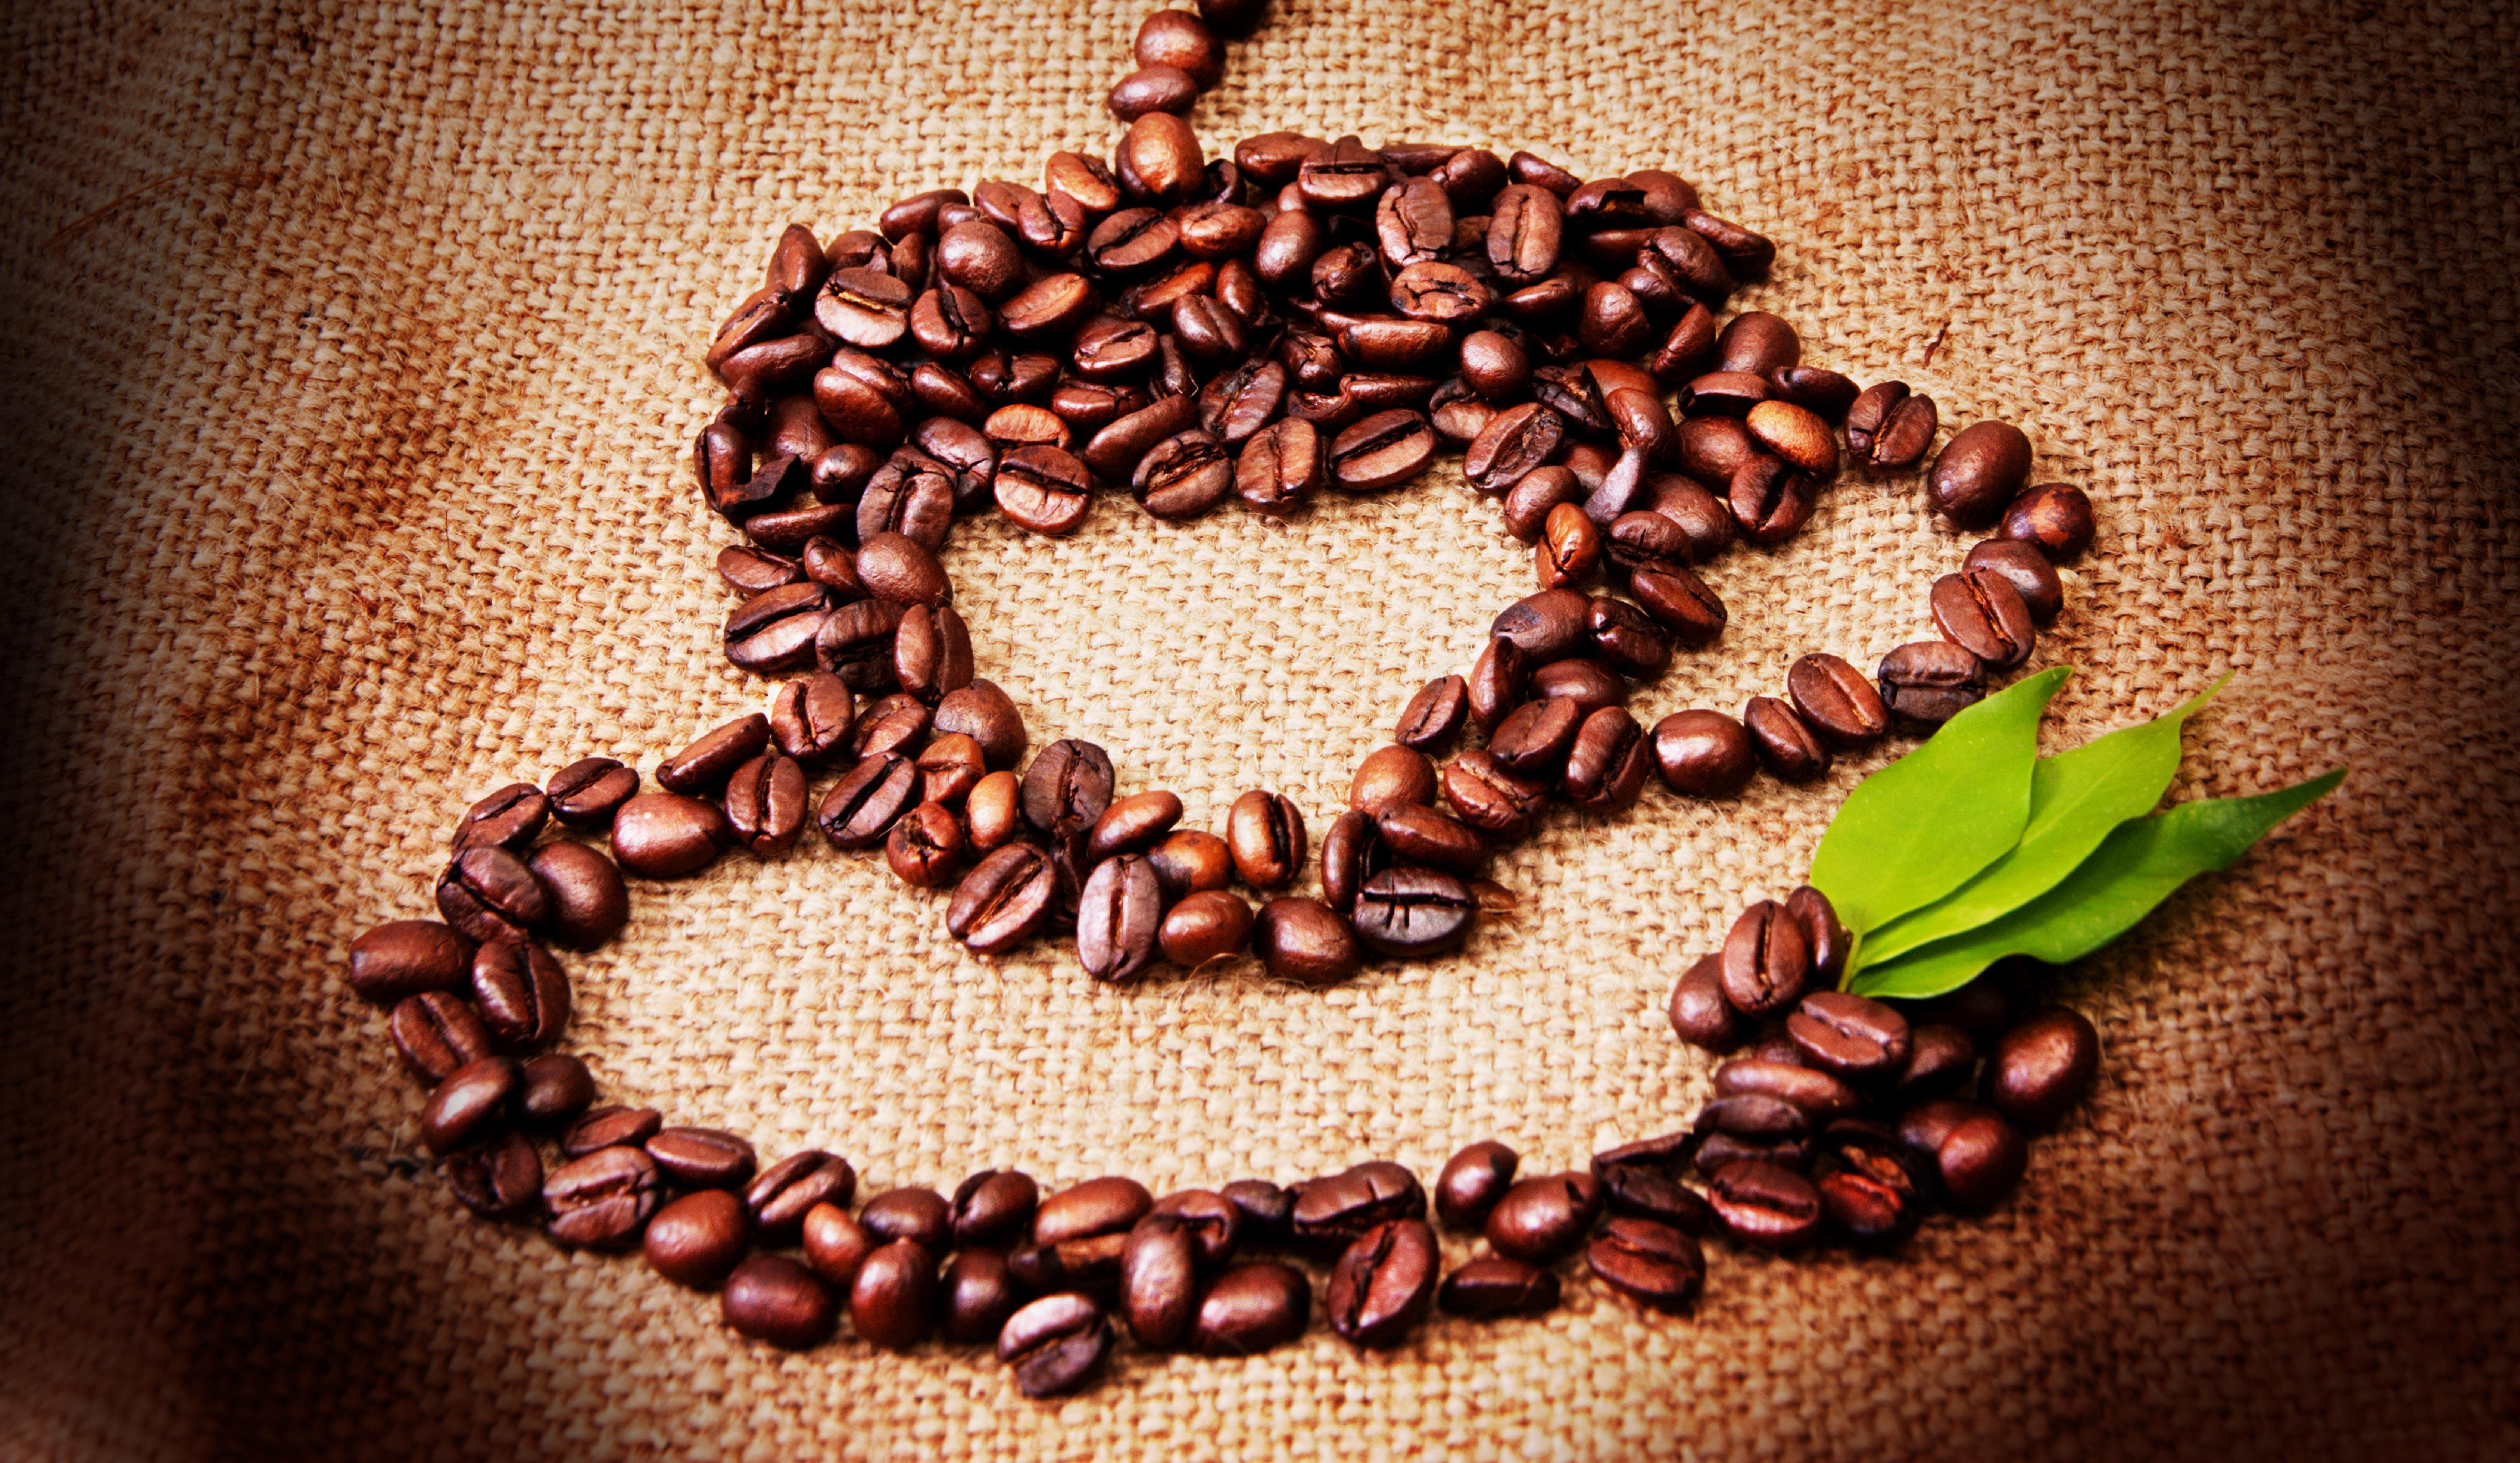 Кофе зерна чашка  № 2172403 без смс